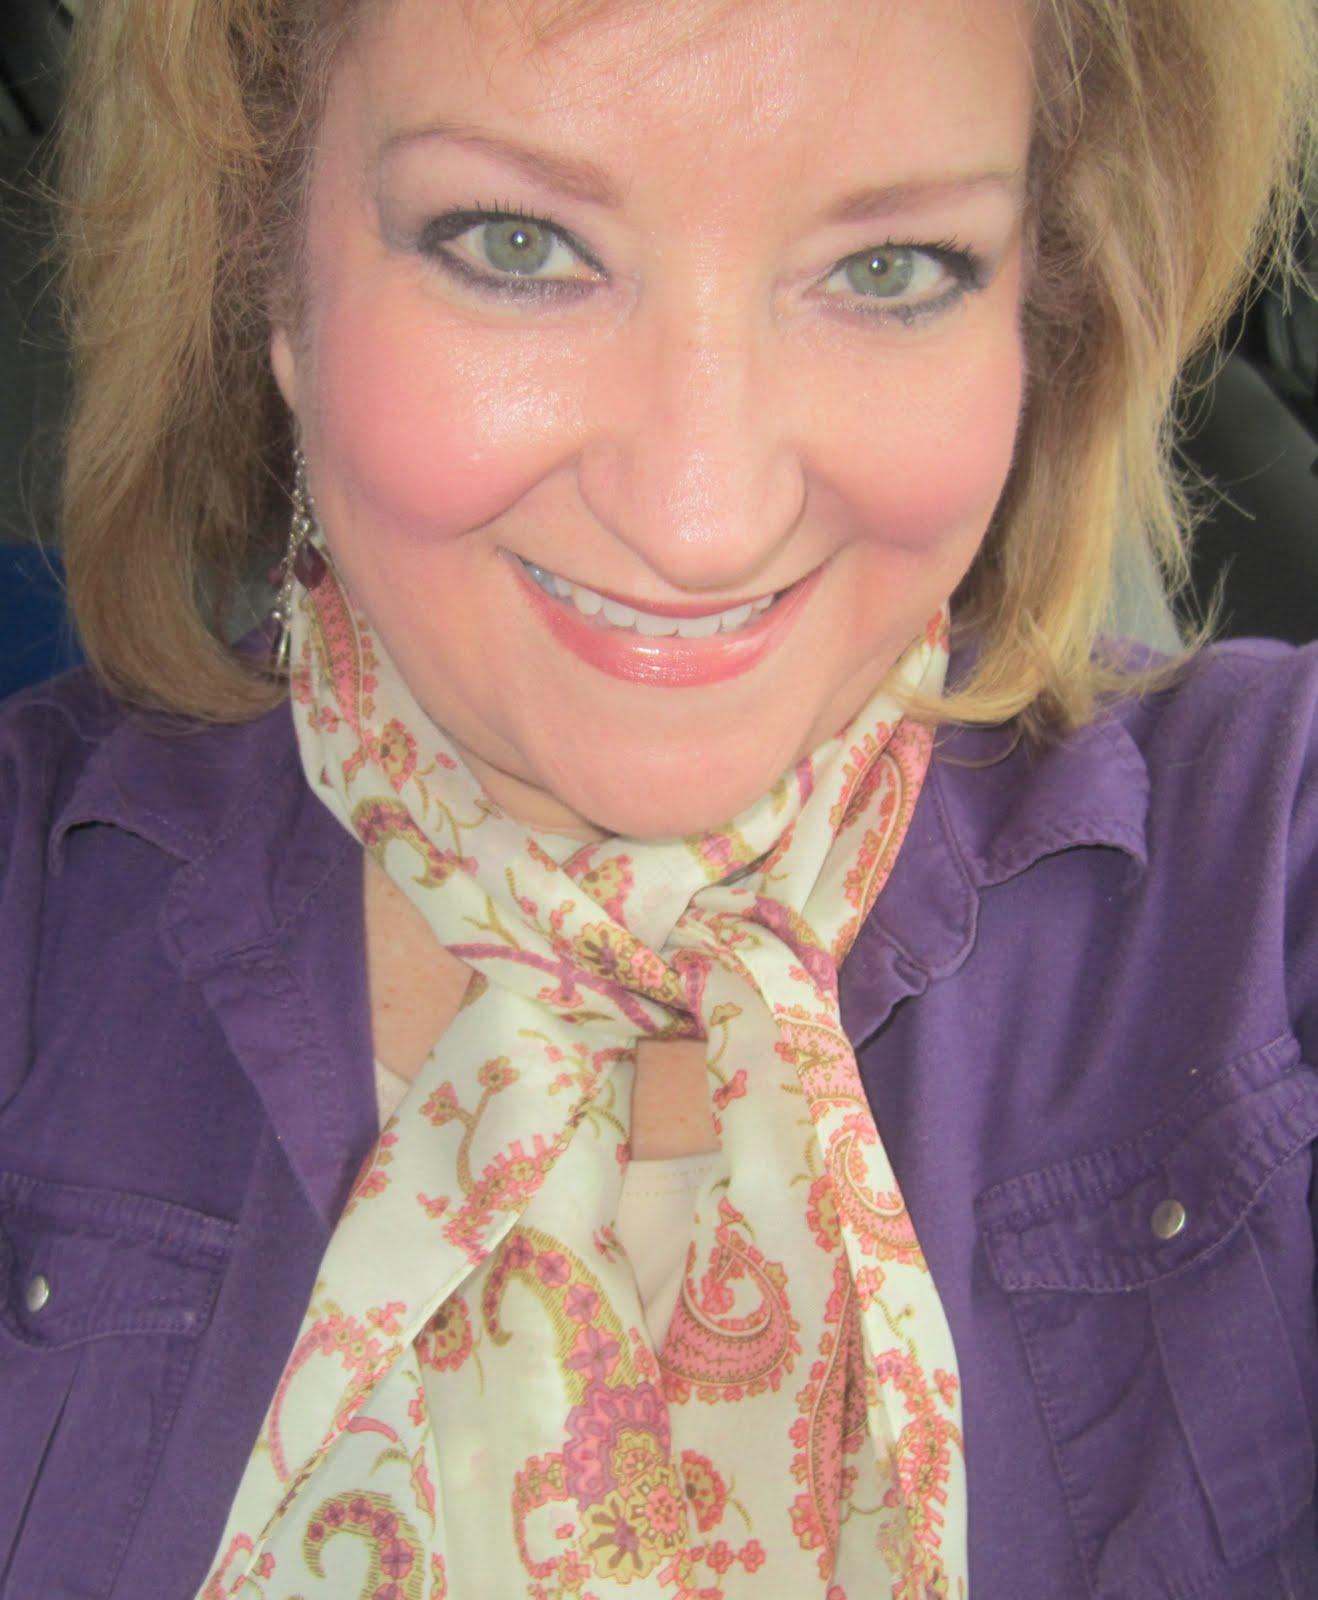 http://4.bp.blogspot.com/-NvqLoQl3e-Y/TqjvNKQ50PI/AAAAAAAAGoE/nKQjgoVGWEw/s1600/Autumn%2Bin%2BRockford%2BOctober%2B2011%2B010.jpg